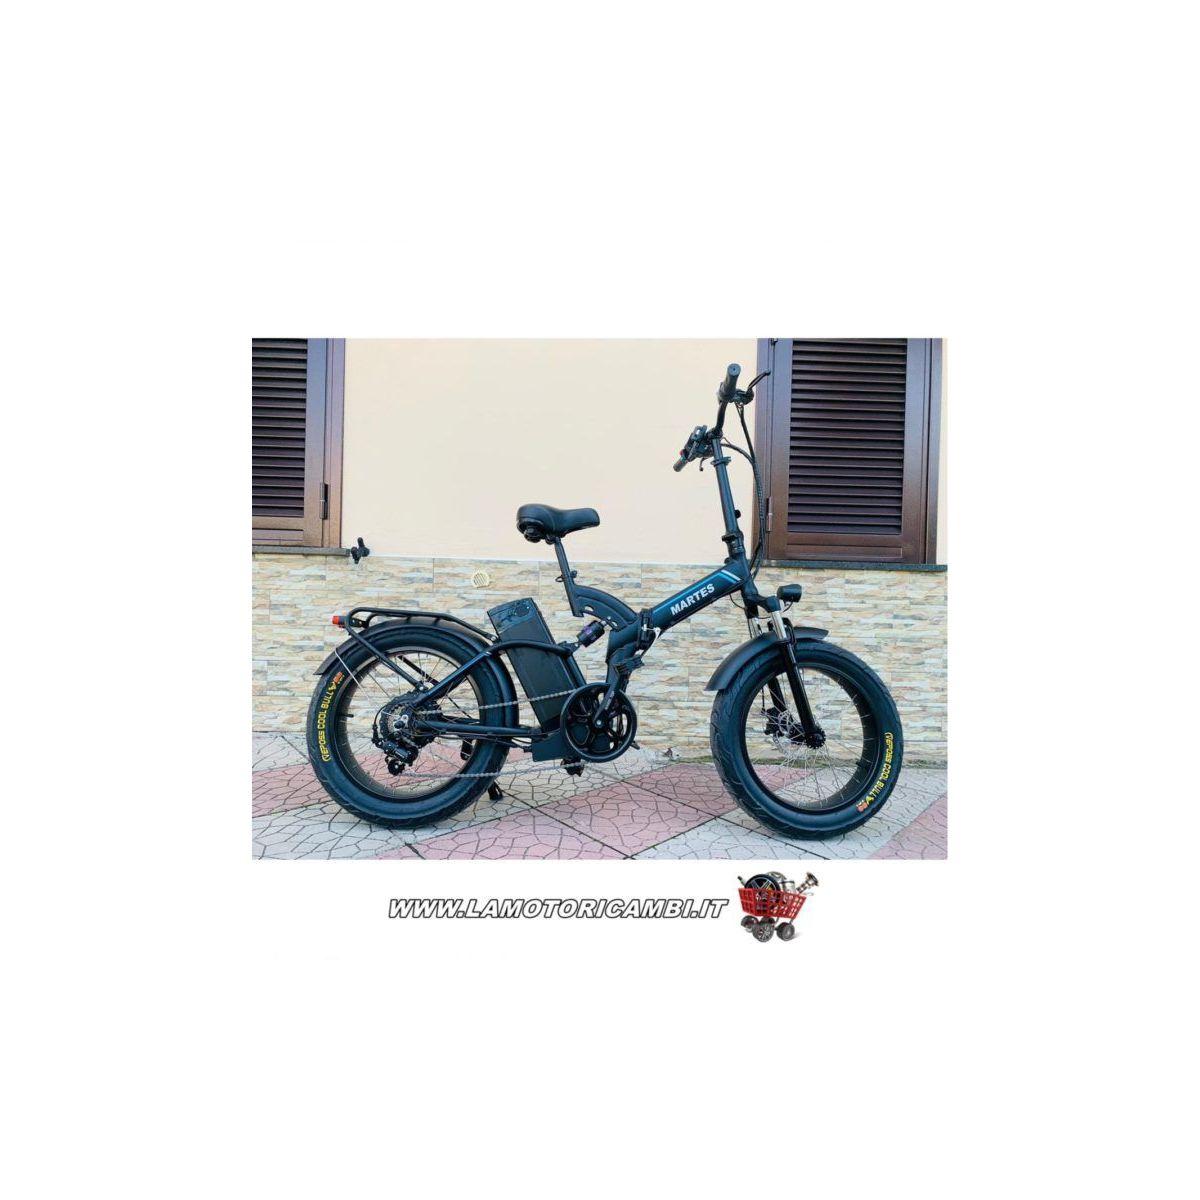 Fat Bike E-Bike 20′ Bicicletta Bici pieghevole elettrica Biammortizzata 500w 48V Nero Martes